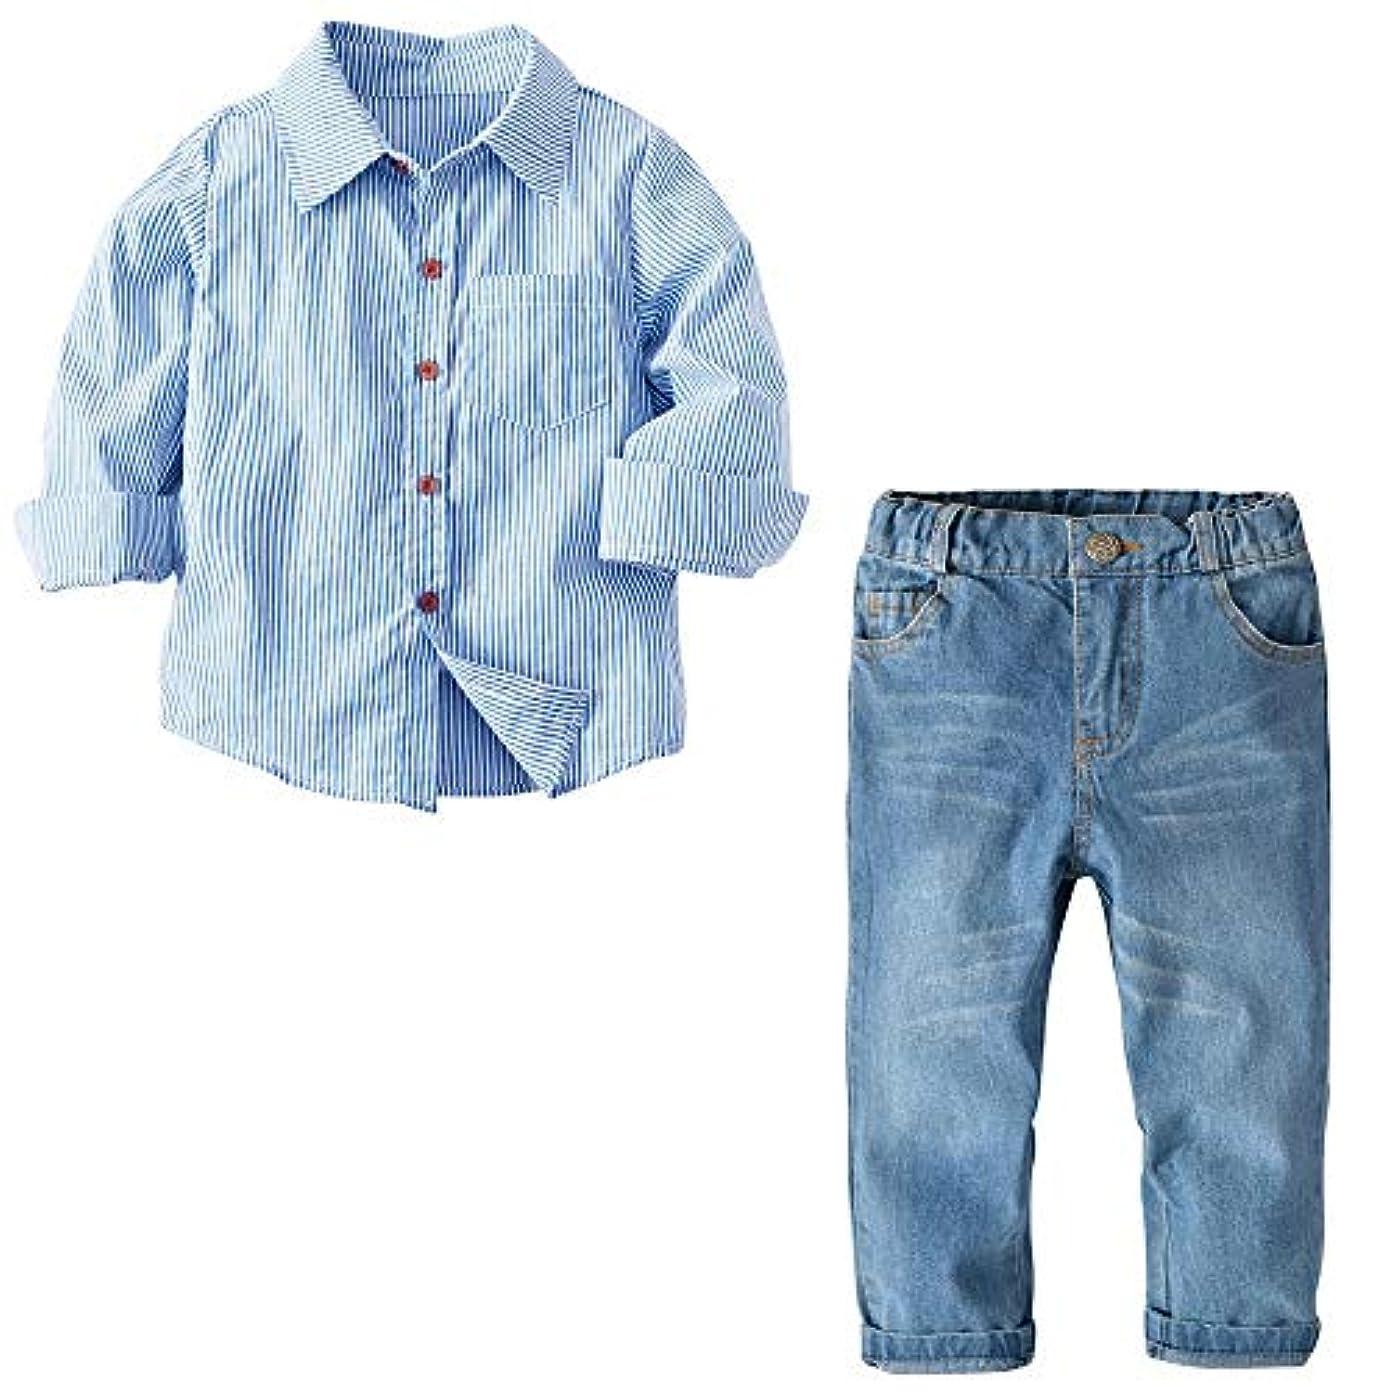 魅力虚栄心小間ベイビーボーイ衣装セット 子供の服のセットシャツジーンズの服リトルボーイの服のスーツ(0?6年) 可愛い (サイズ : 110)